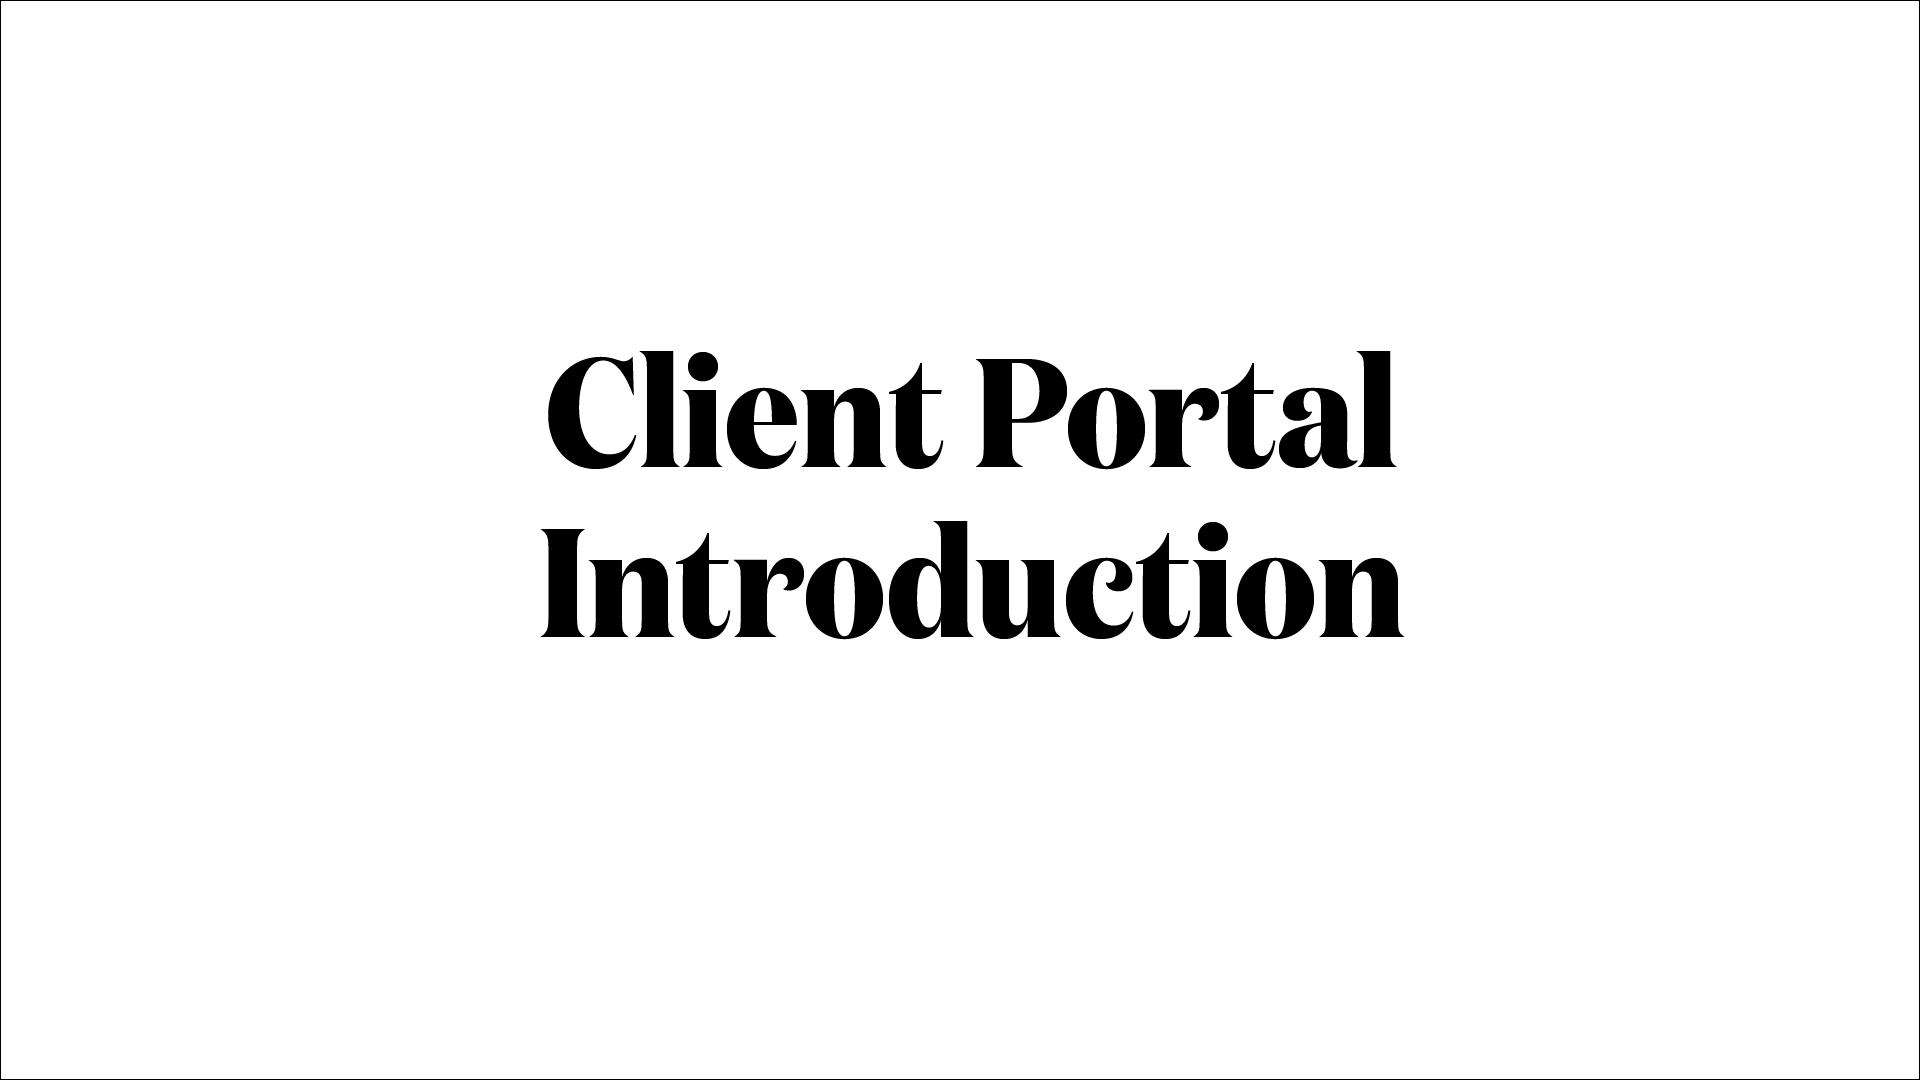 Client Portal Introduction